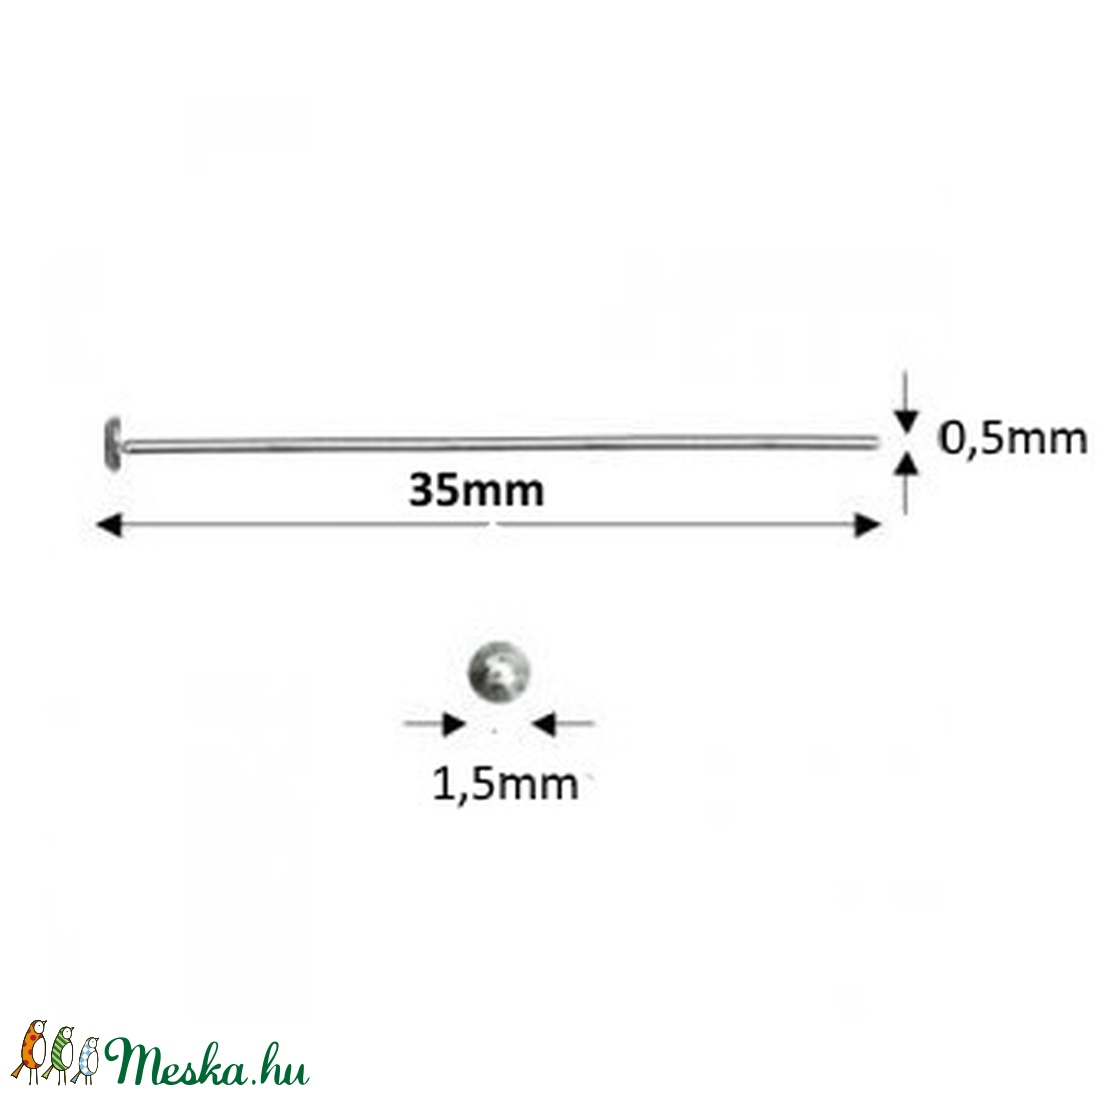 925-ös sterling ezüst ékszerkellék: szerelőpálca szög végű 35  x 0,5mm-es  - gyöngy, ékszerkellék - egyéb alkatrész - Meska.hu